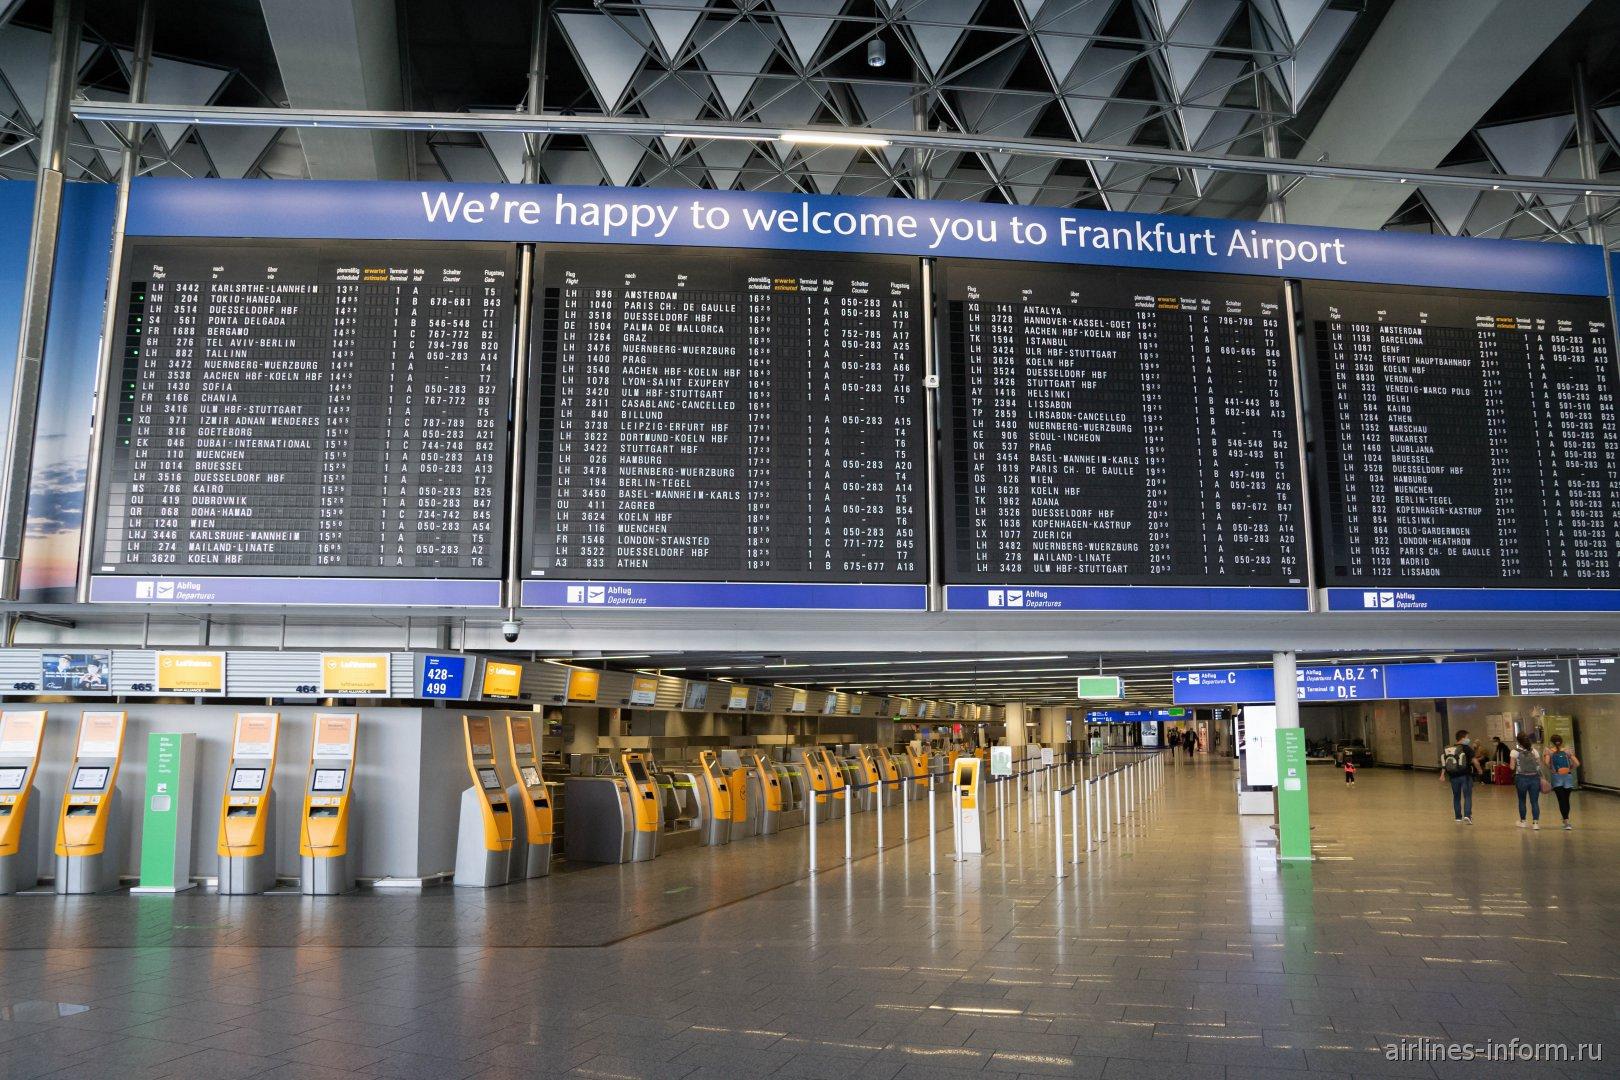 Зона регистрации в терминале 1 аэропорта Франкфурт